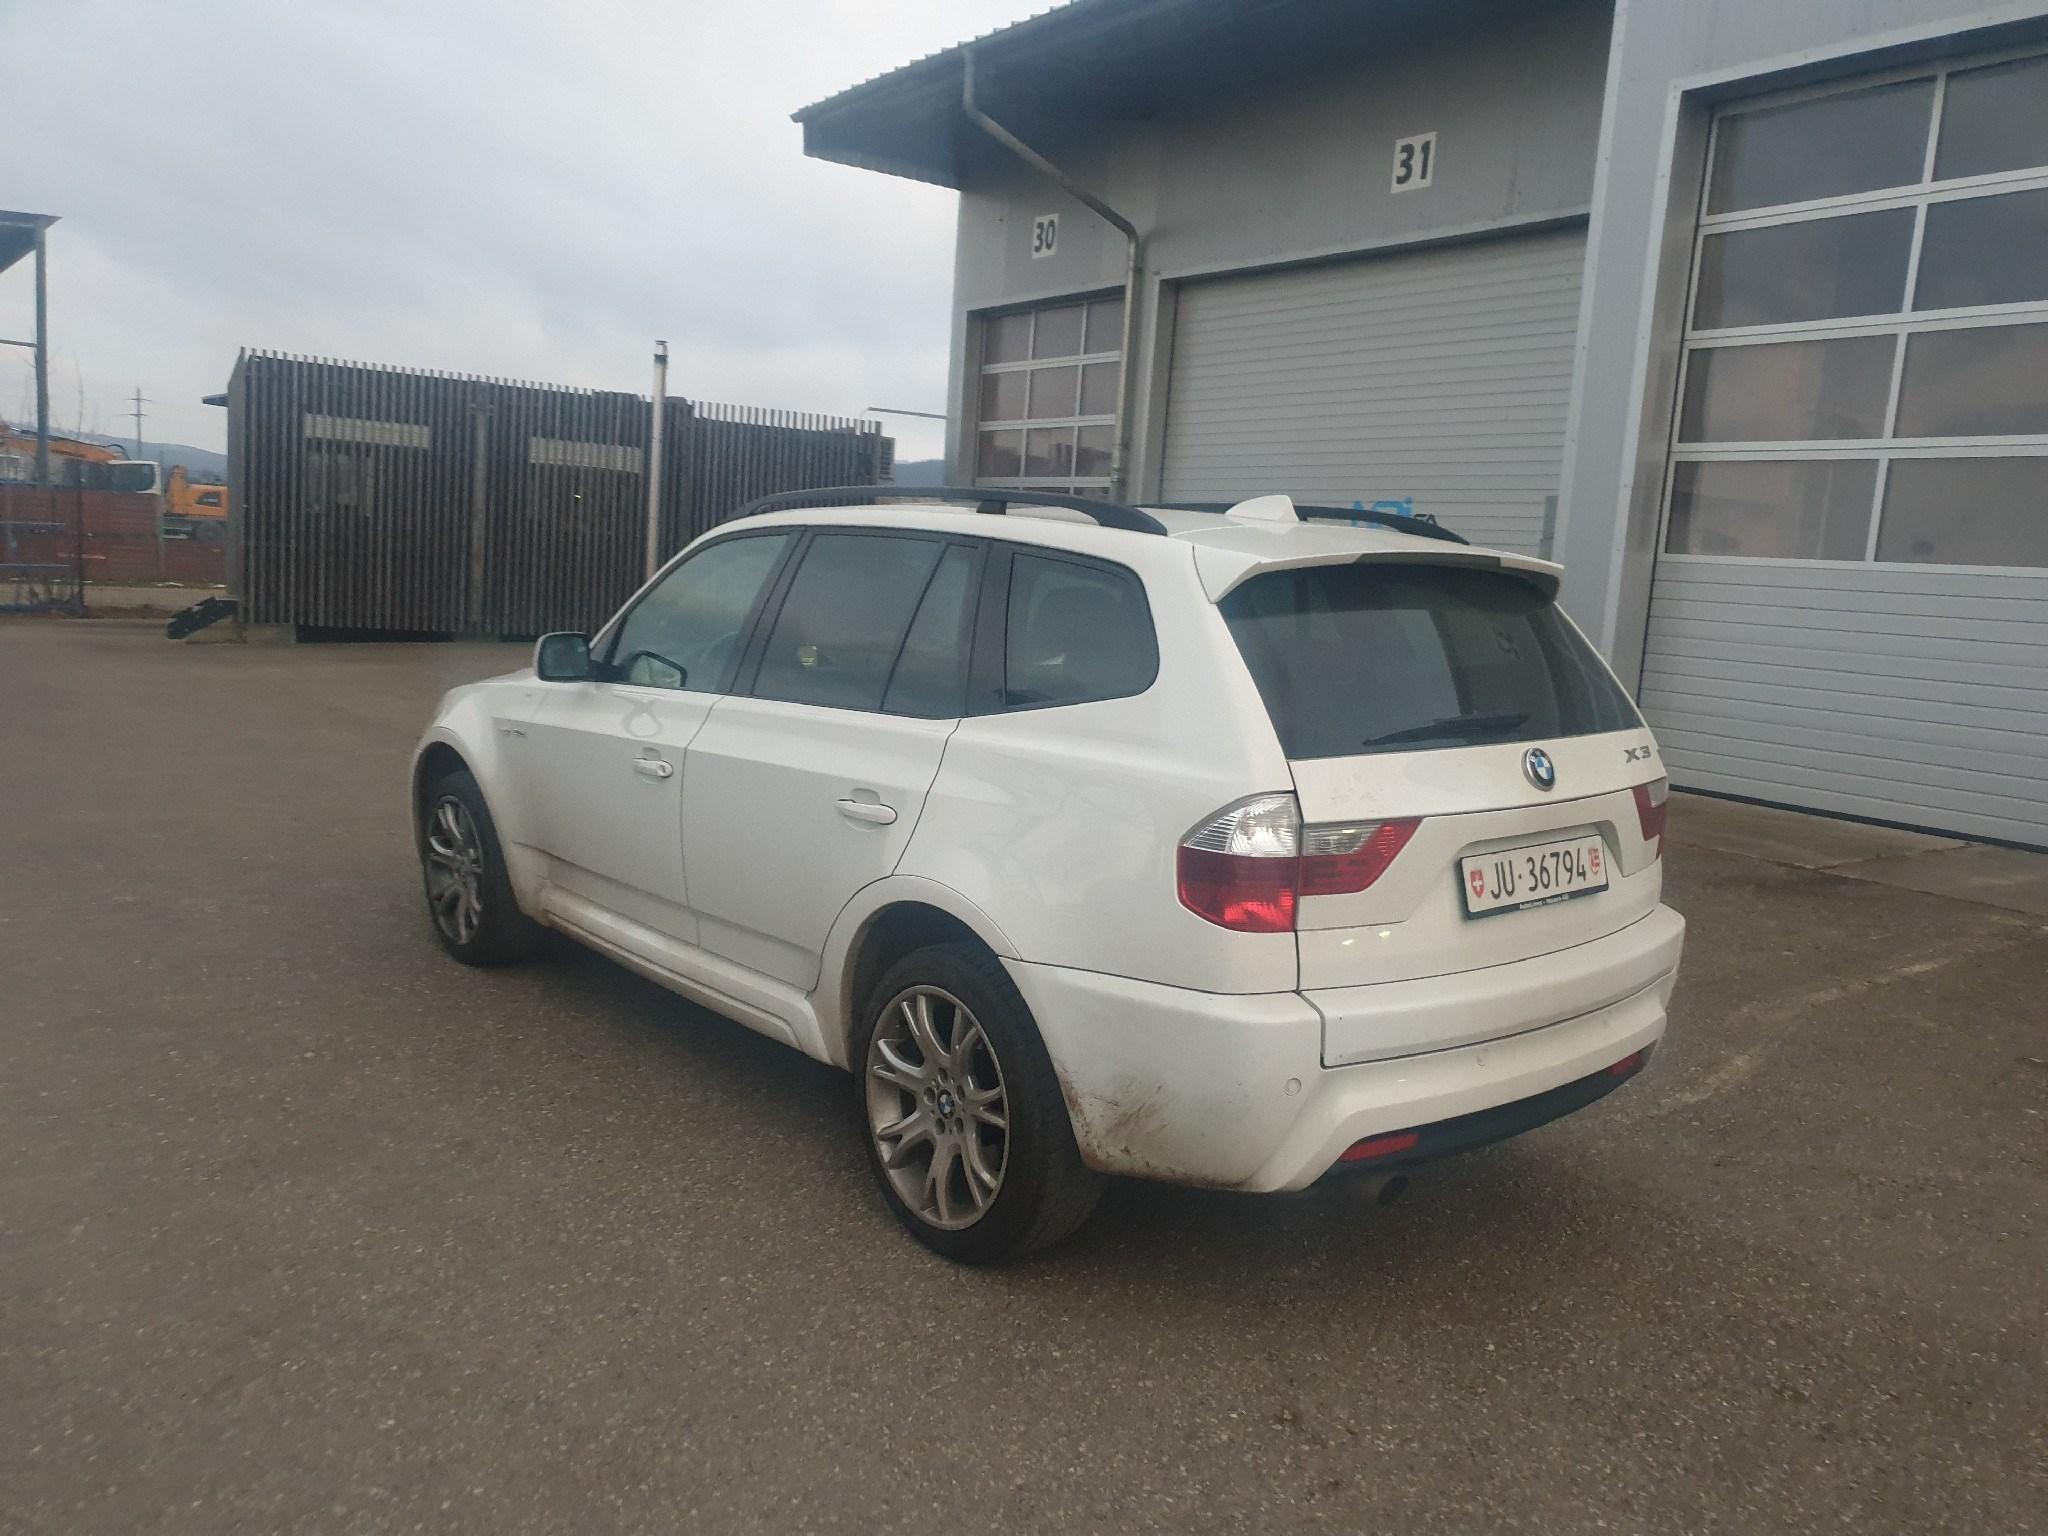 BMW X3 E83 20d xDrive